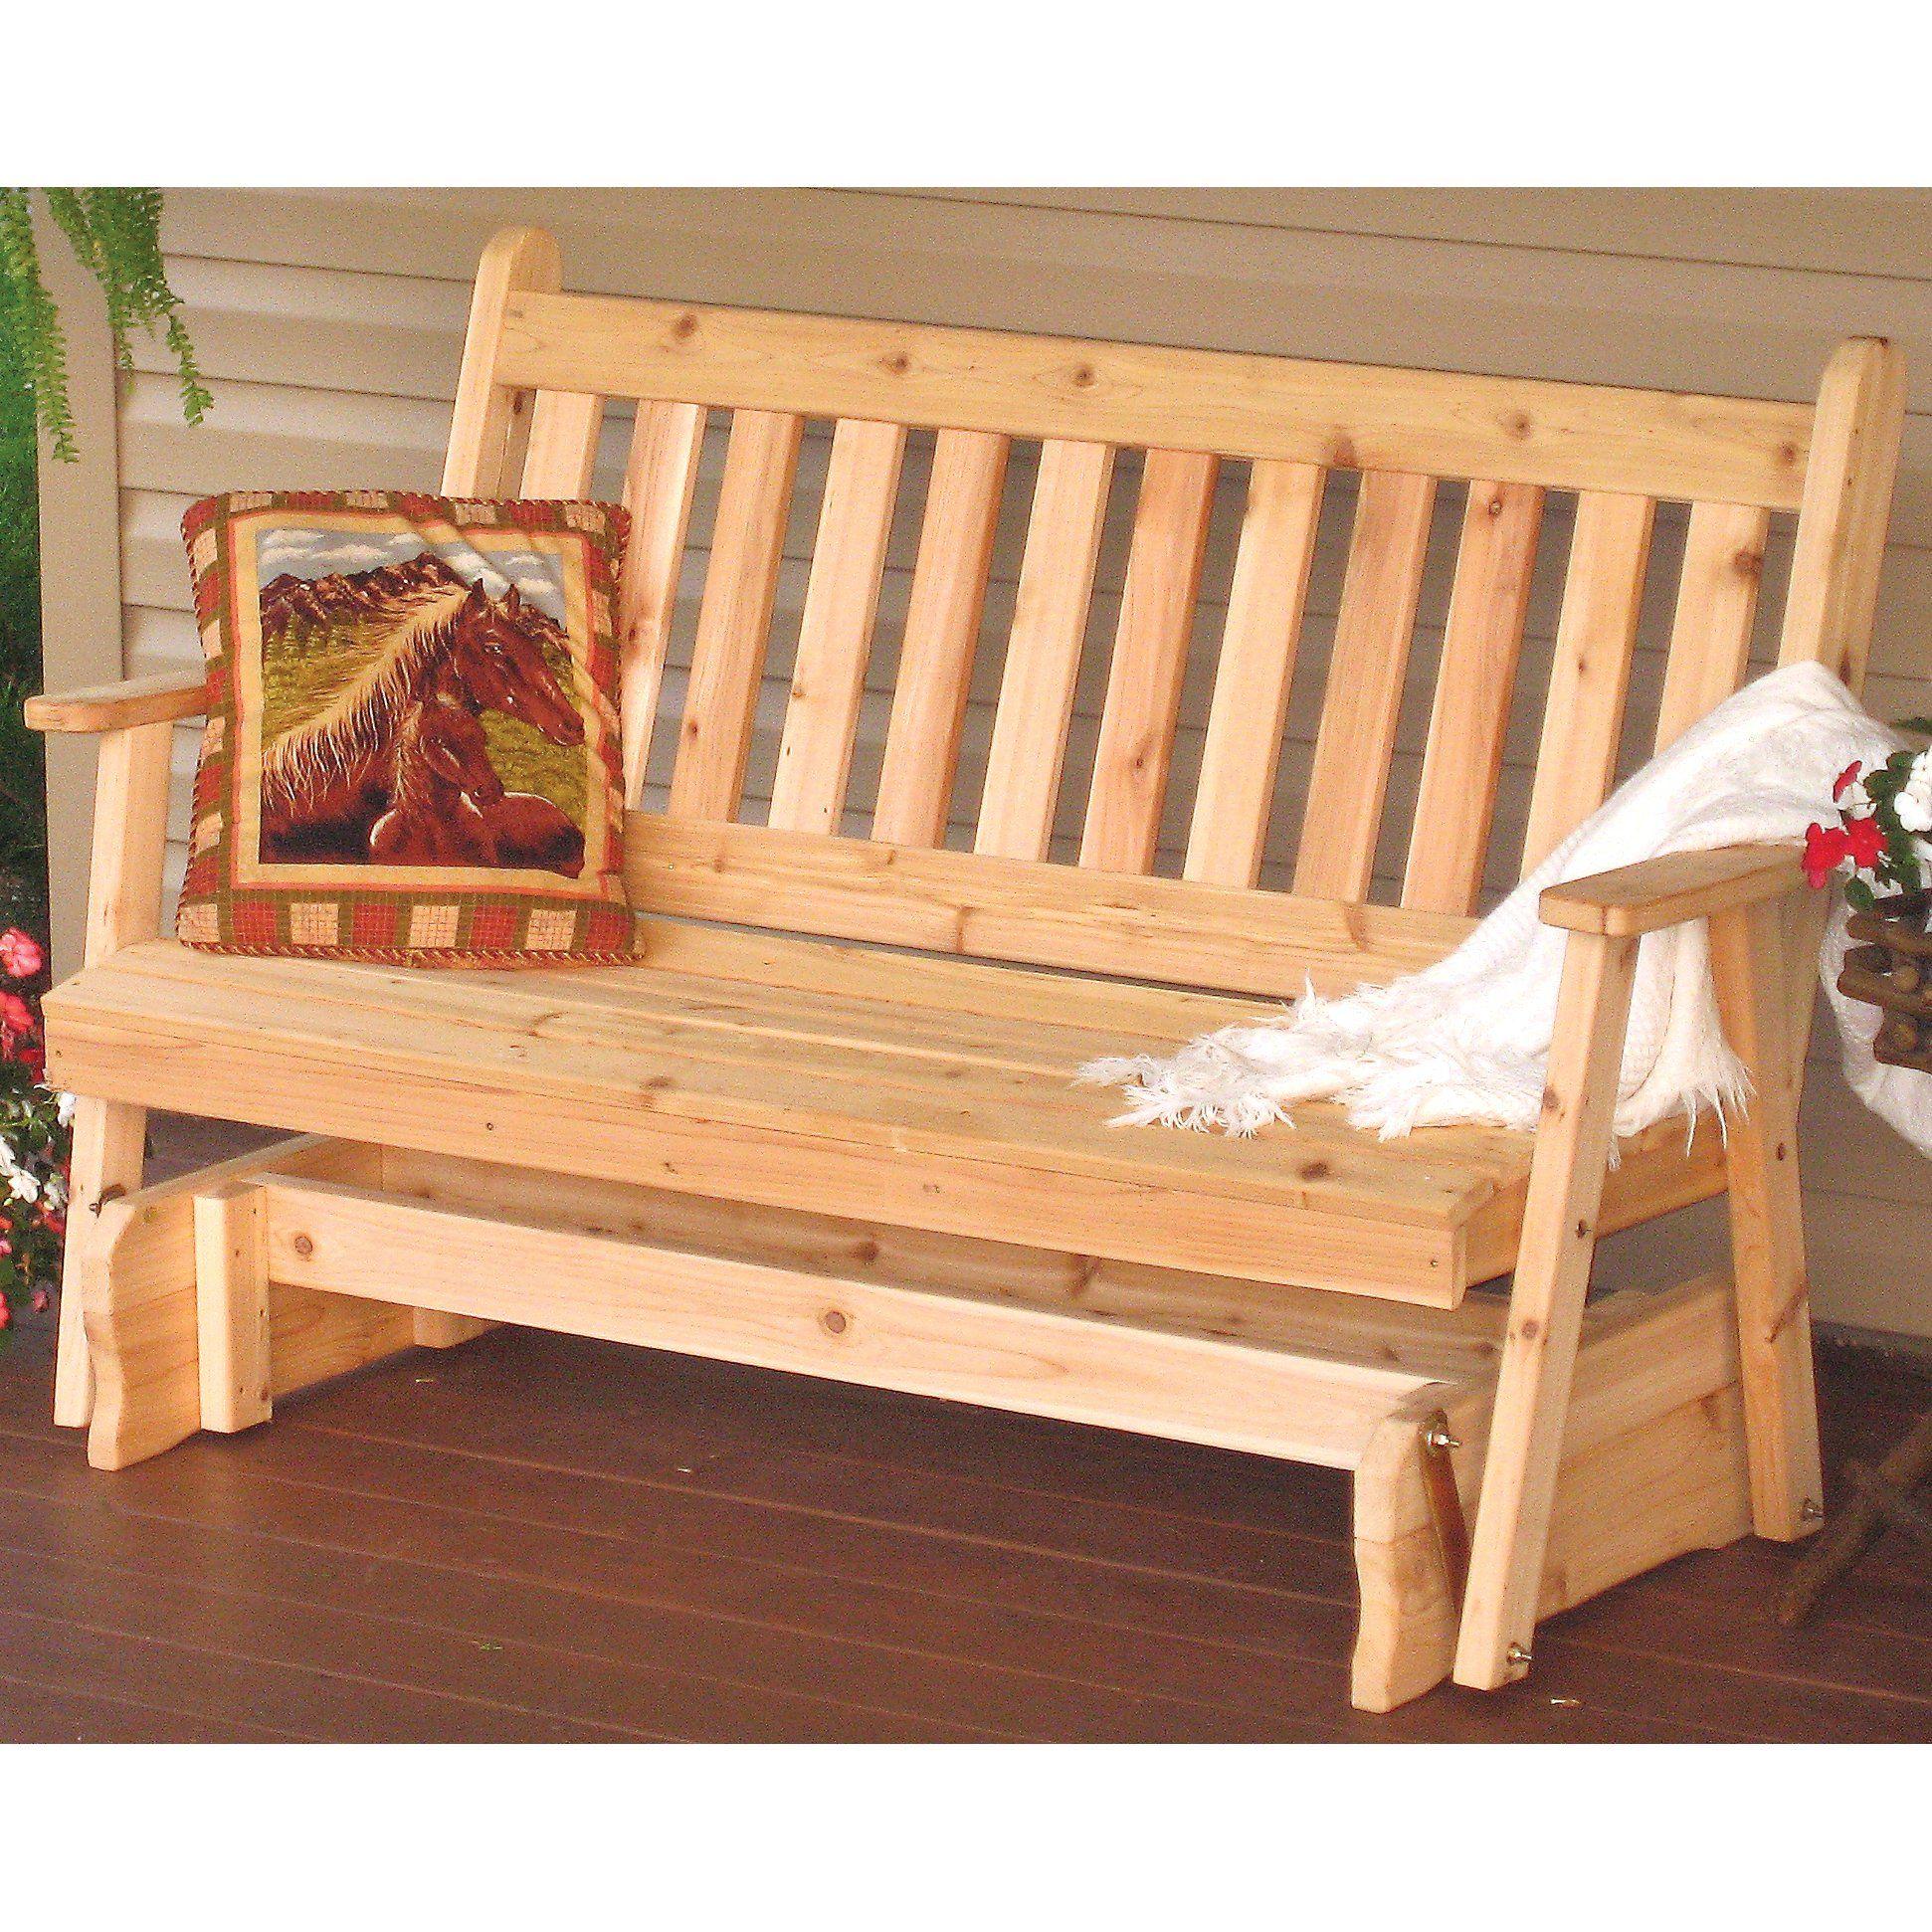 English Glider Bench. Outdoor FurnitureAmish FurnitureWestern ...